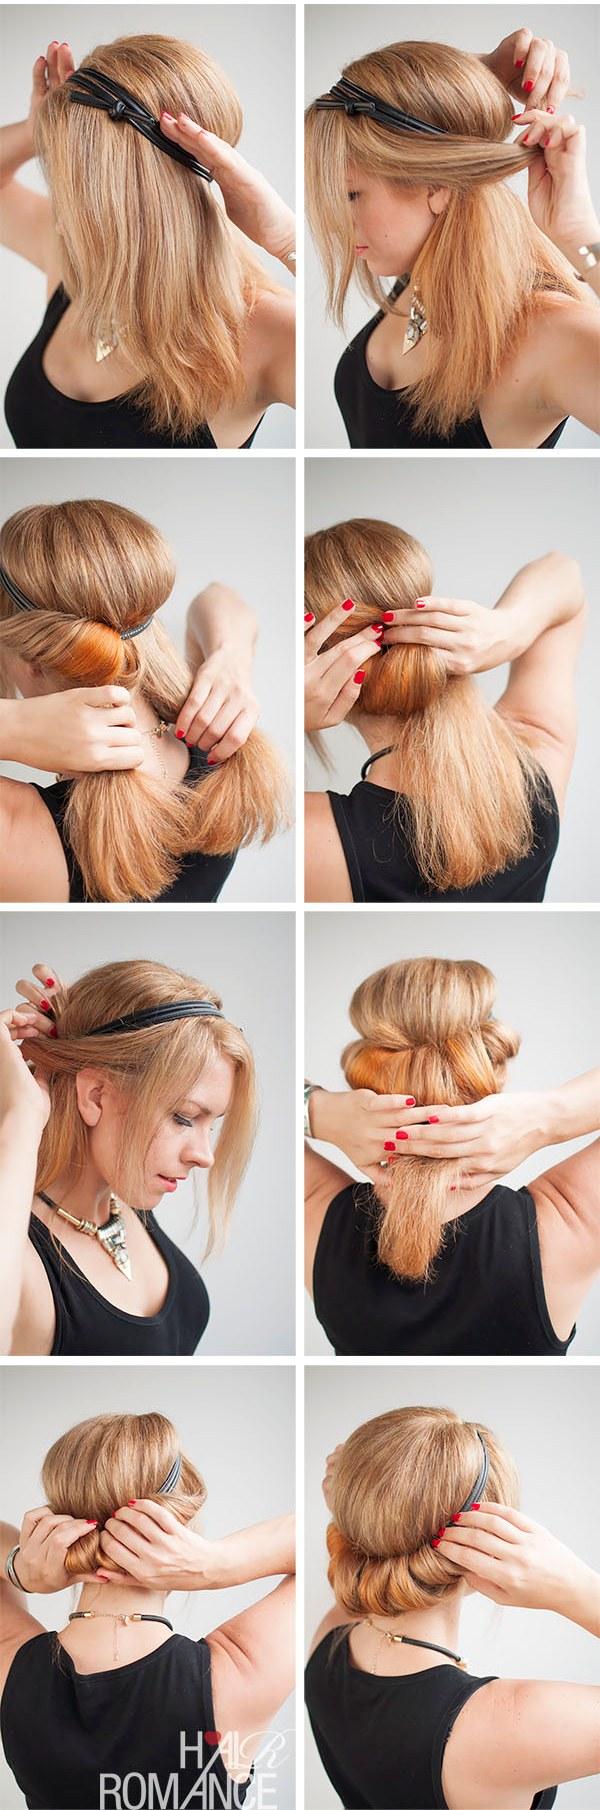 прически на длинные волосы пошаговой инструкцией фото